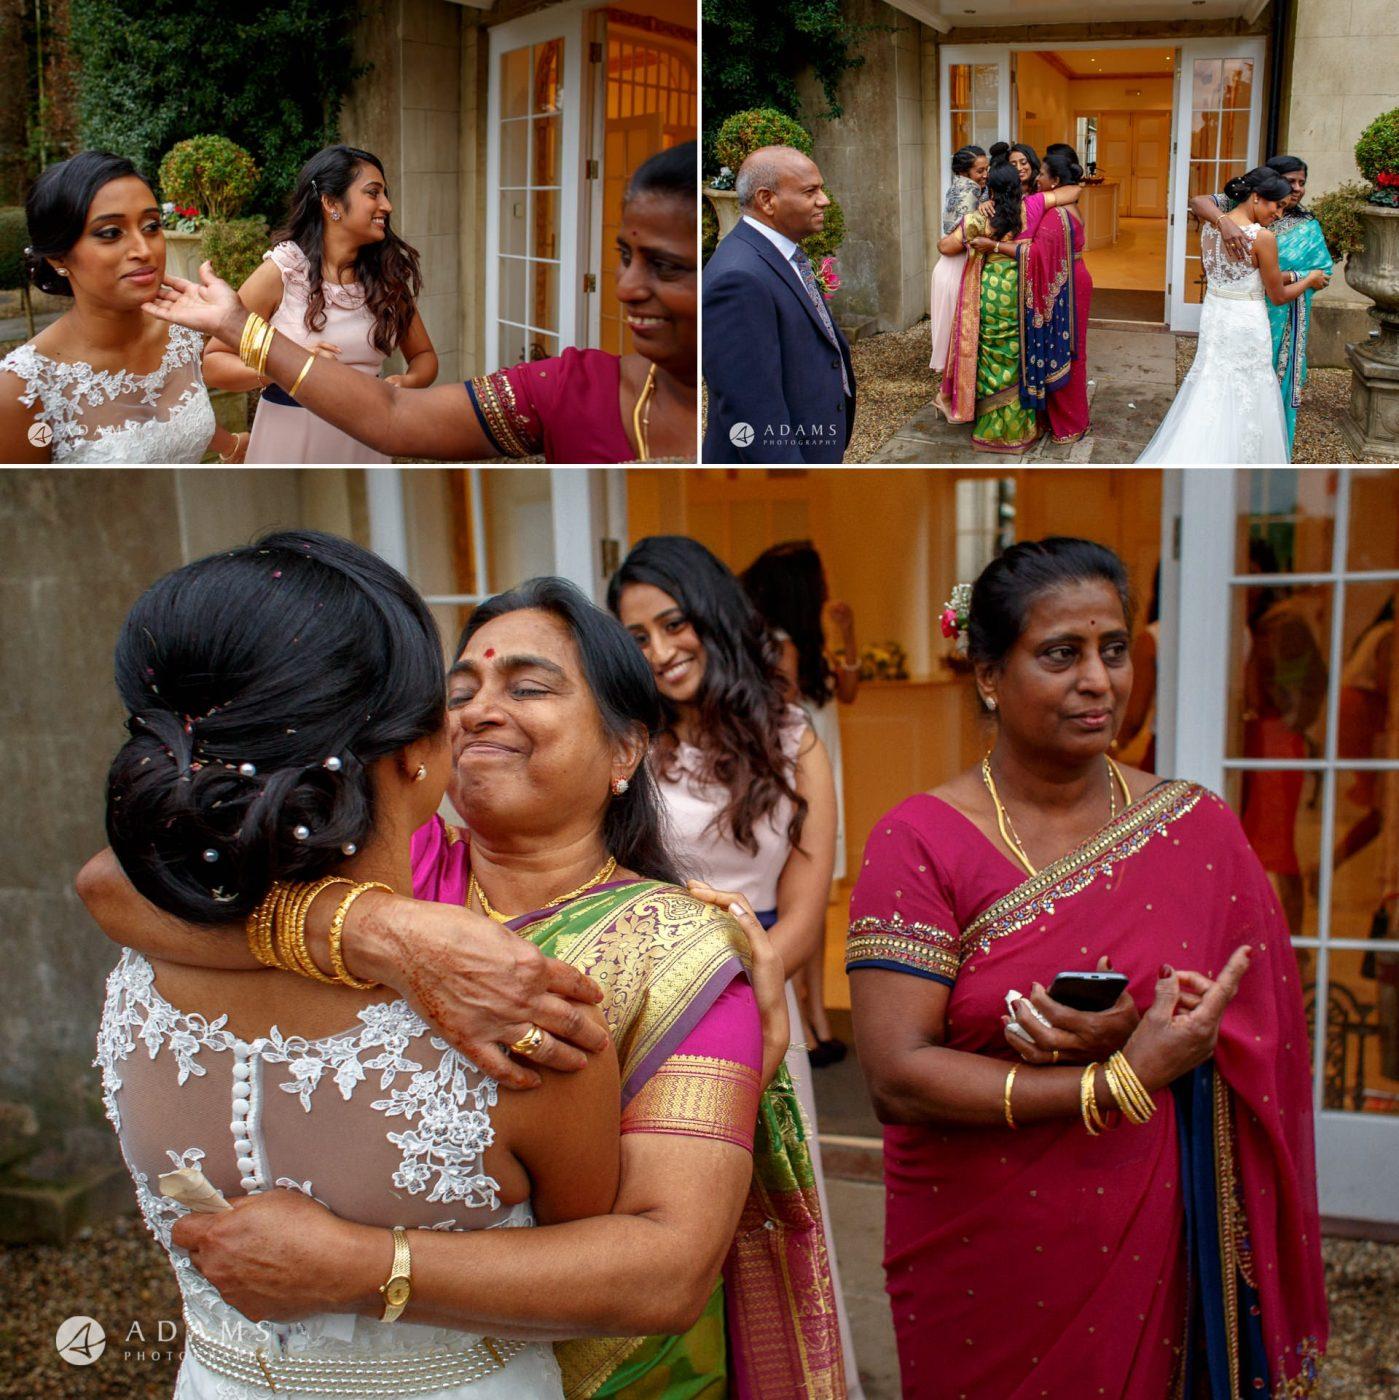 Northbrook Park Wedding Photography   Twa + Len 20